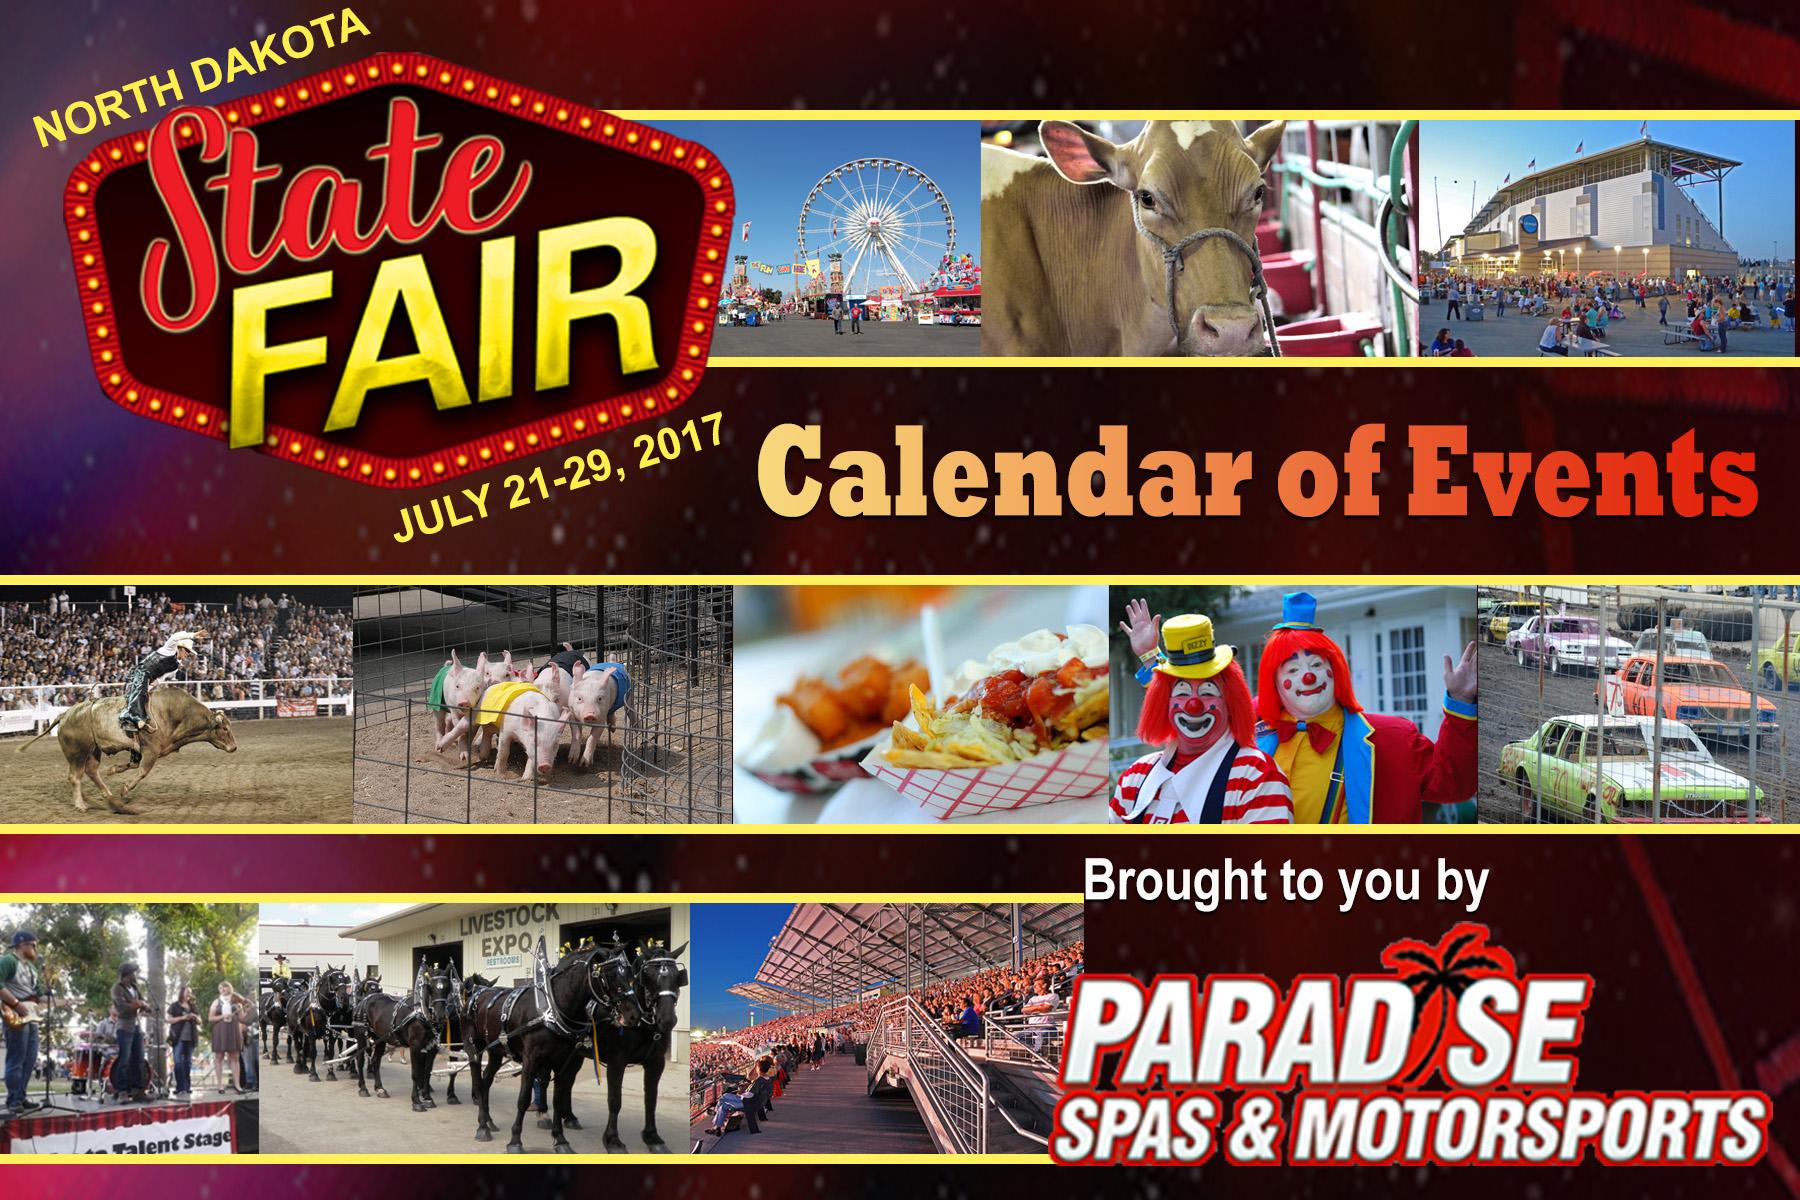 Calendar of Events 2017 Paradise Spas 6 x 4 photo_1500386891963.jpg